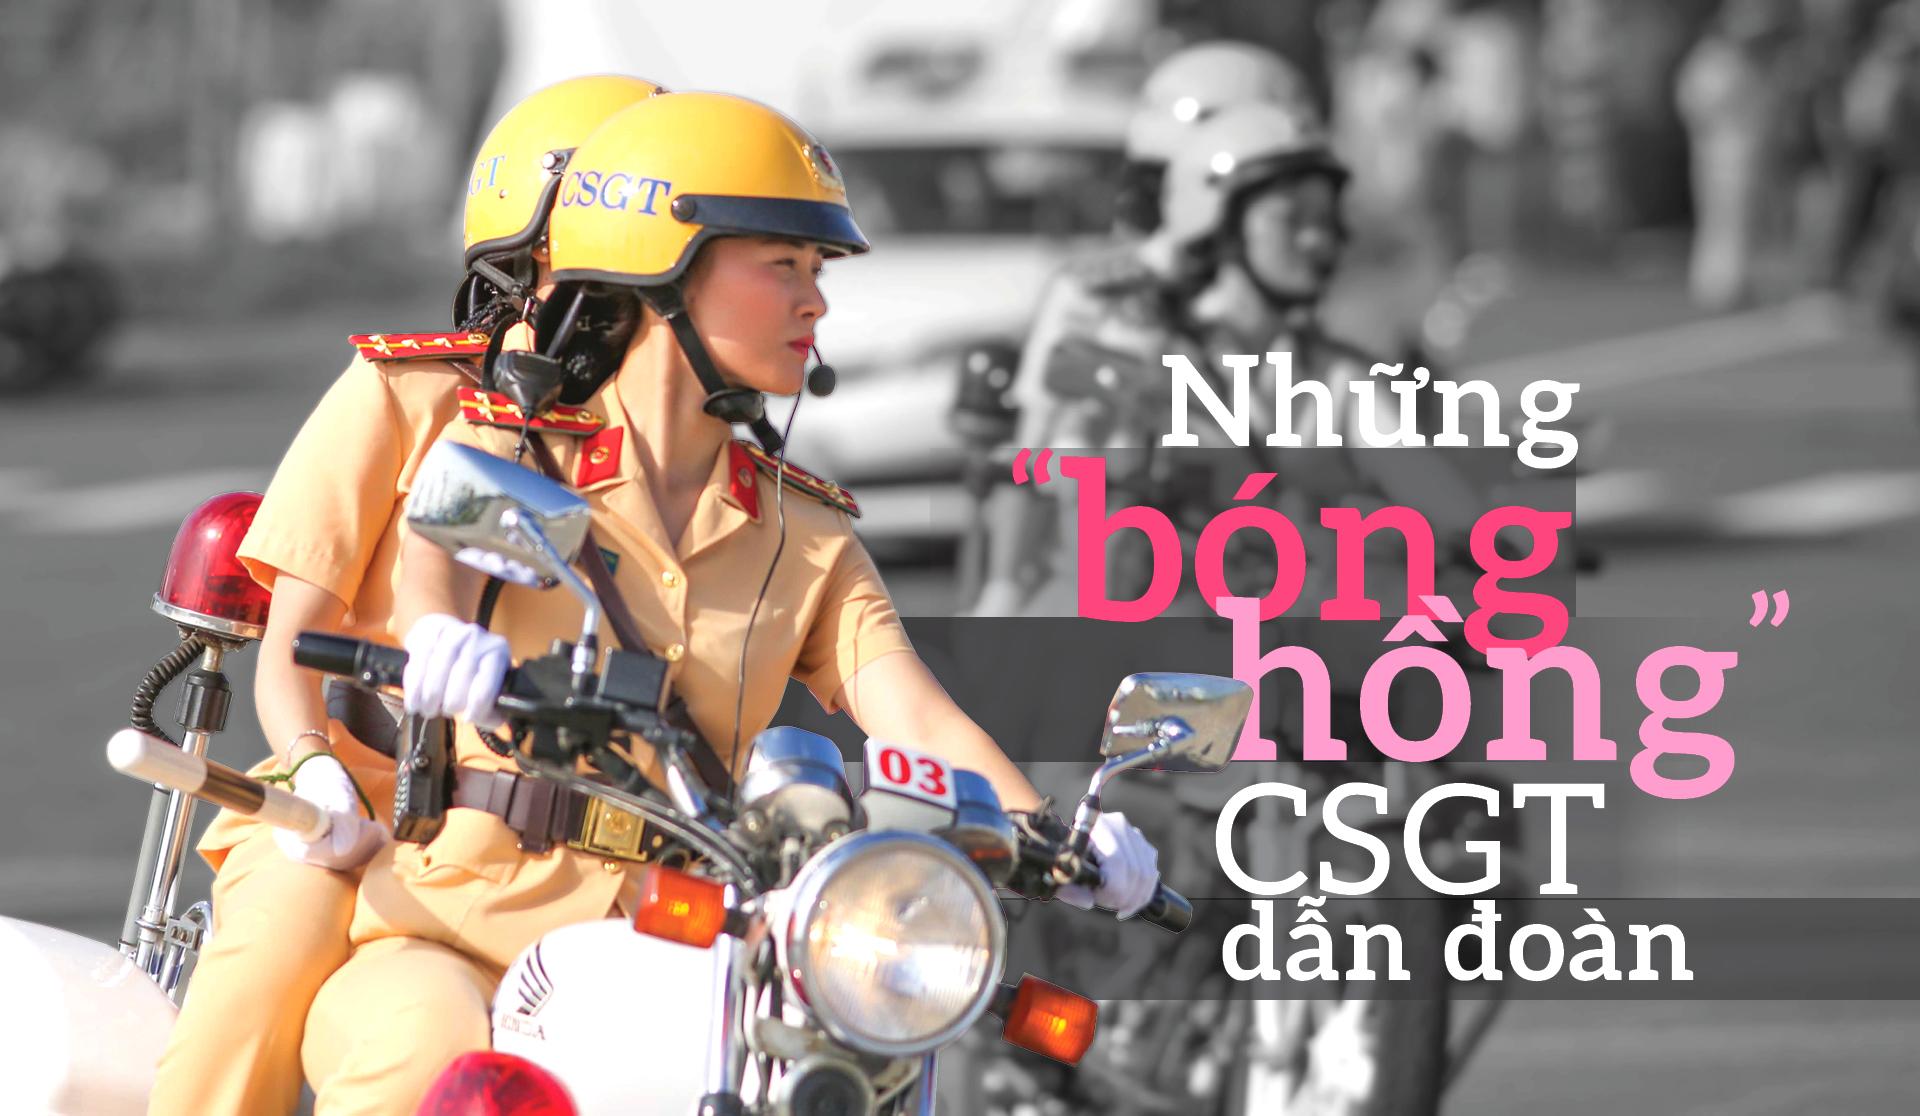 """Những """"bóng hồng"""" CSGT dẫn đoàn"""